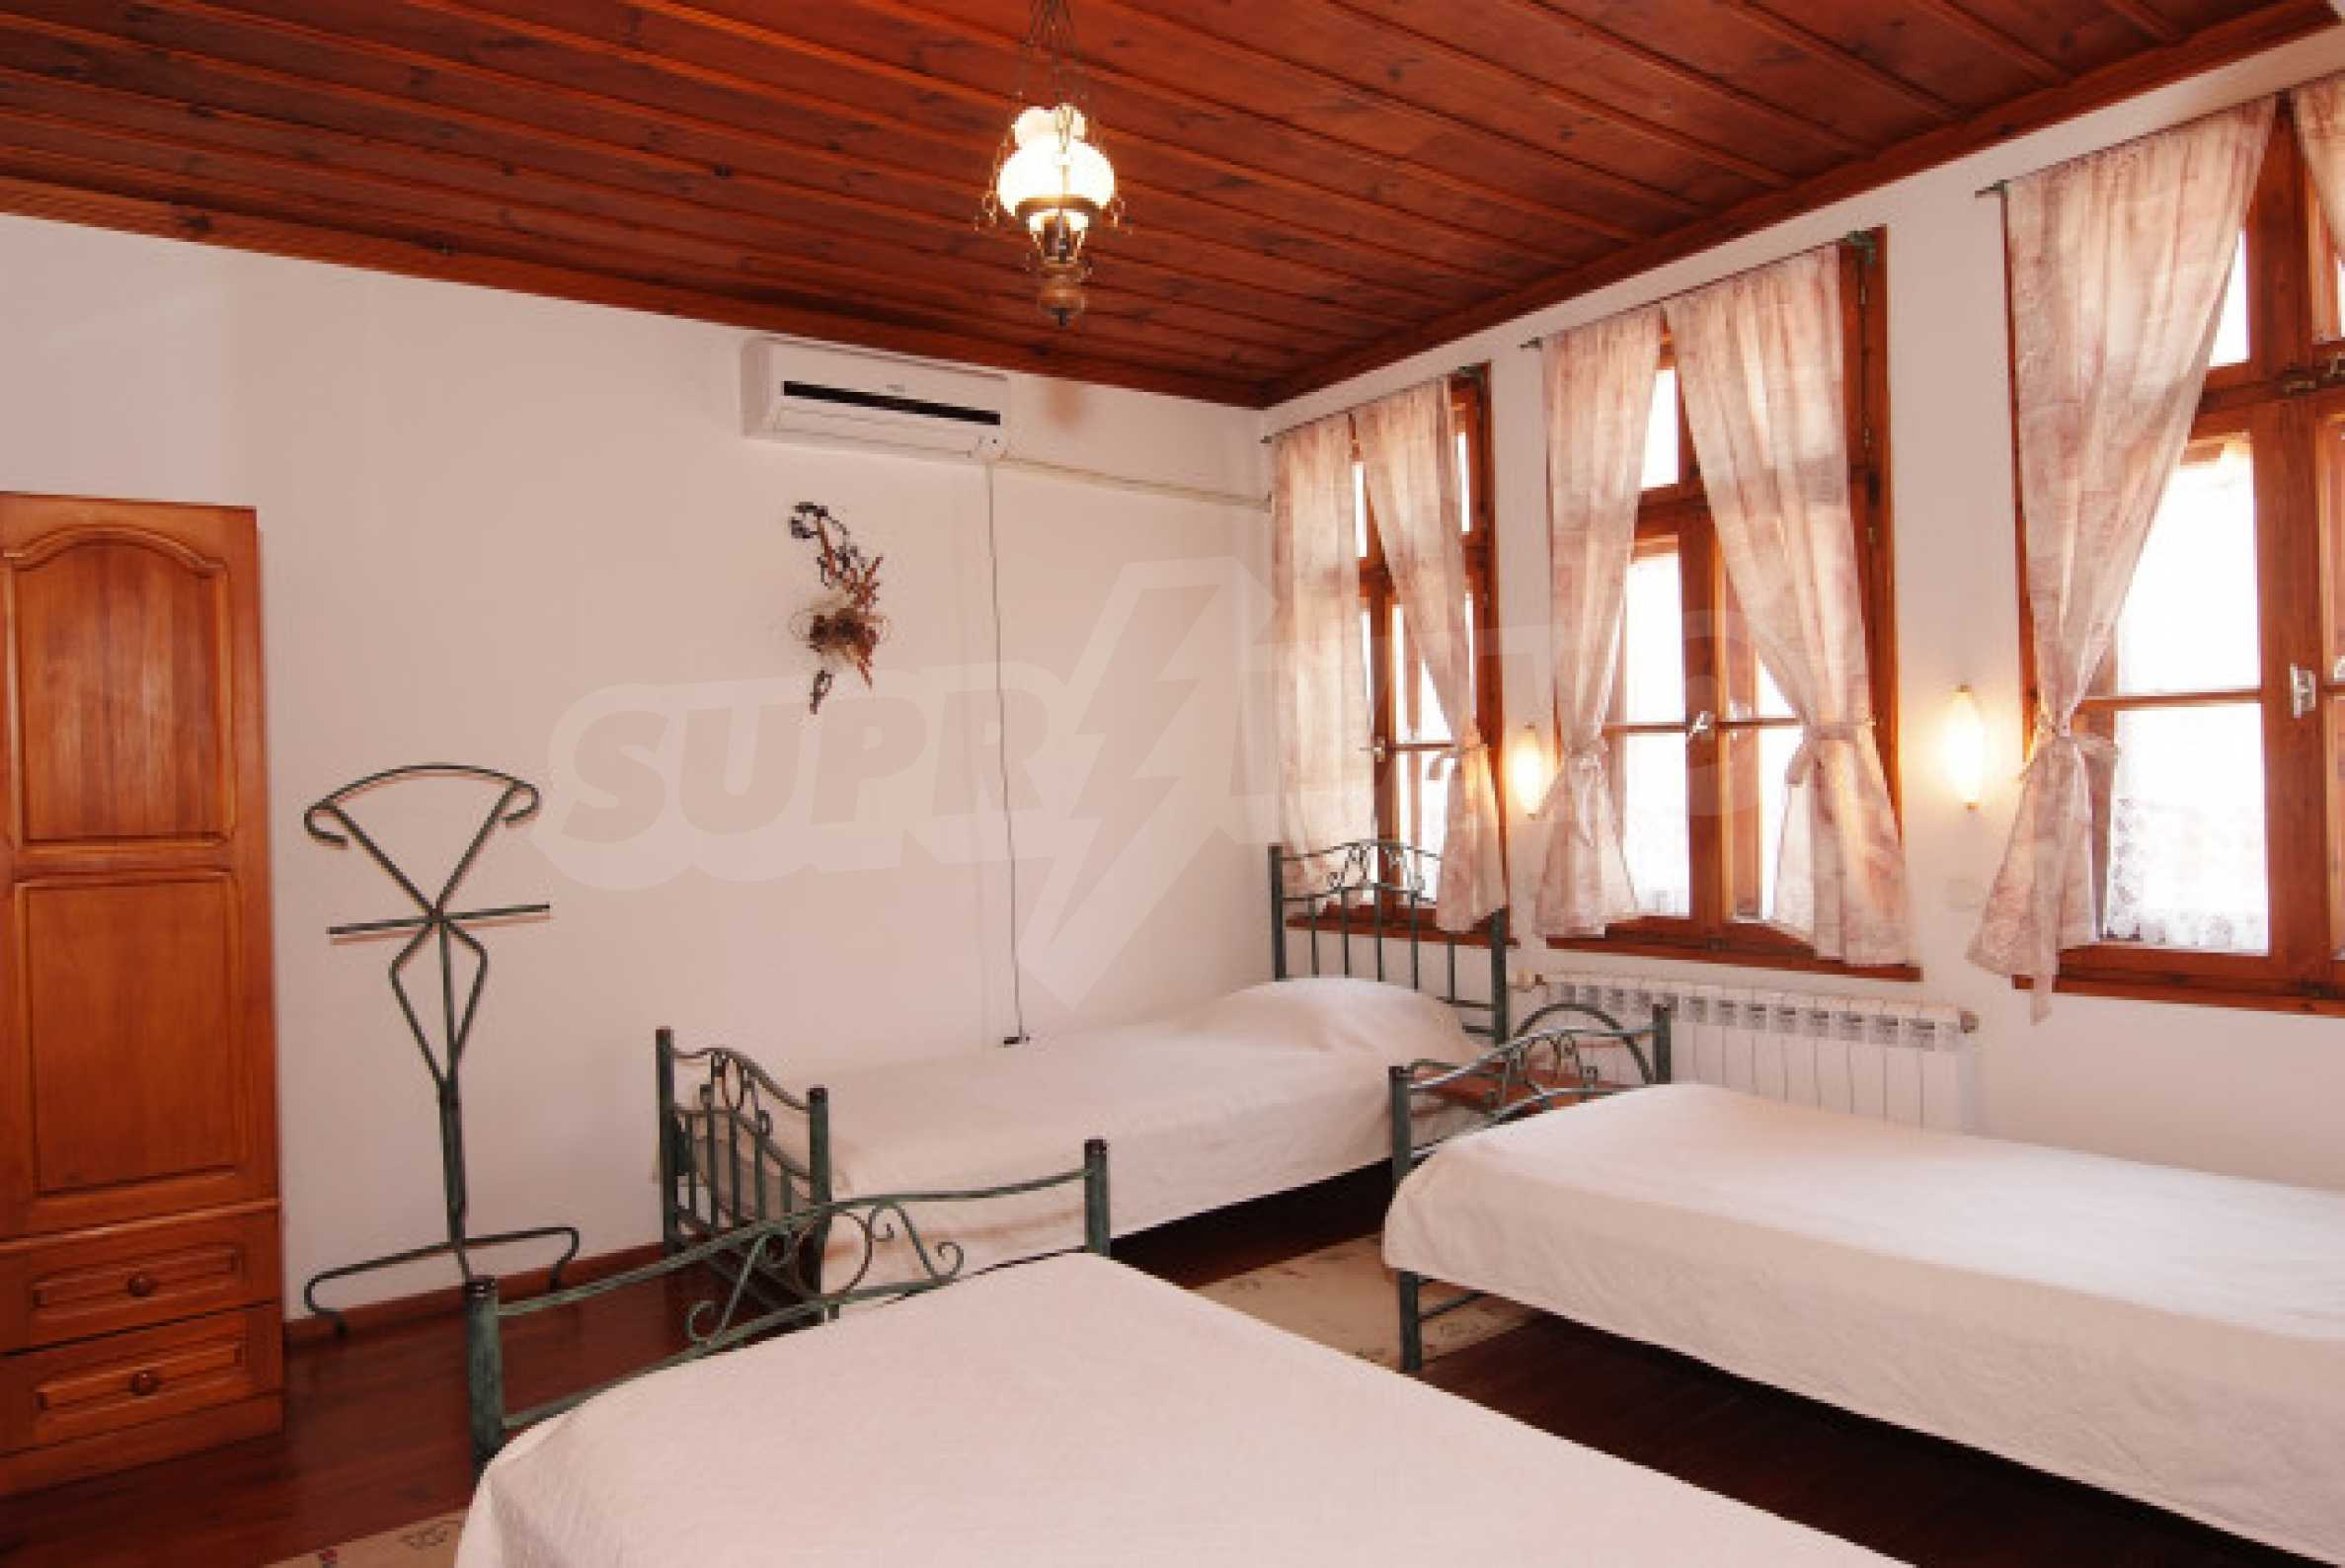 Гостиница, Отель в г. Мелник 14